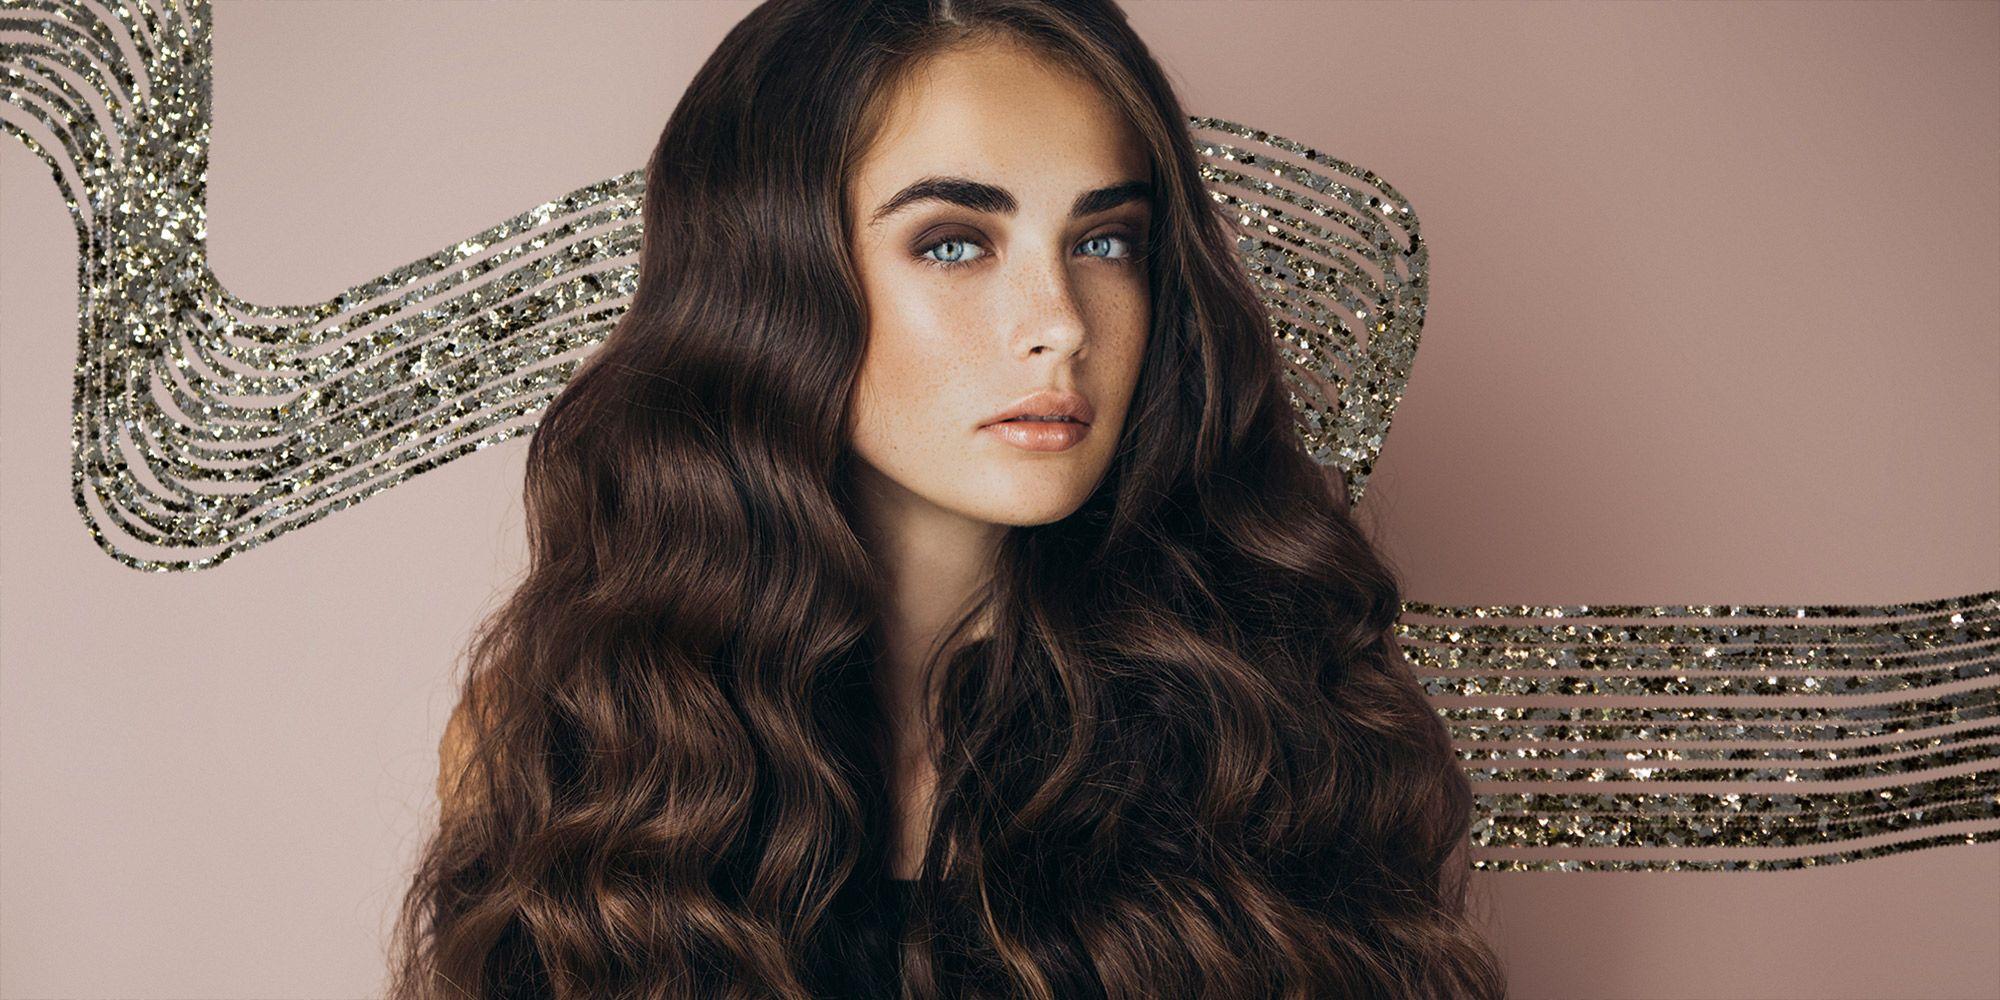 abbastanza Colore Capelli 2018, 11 trend per capelli castani MR35